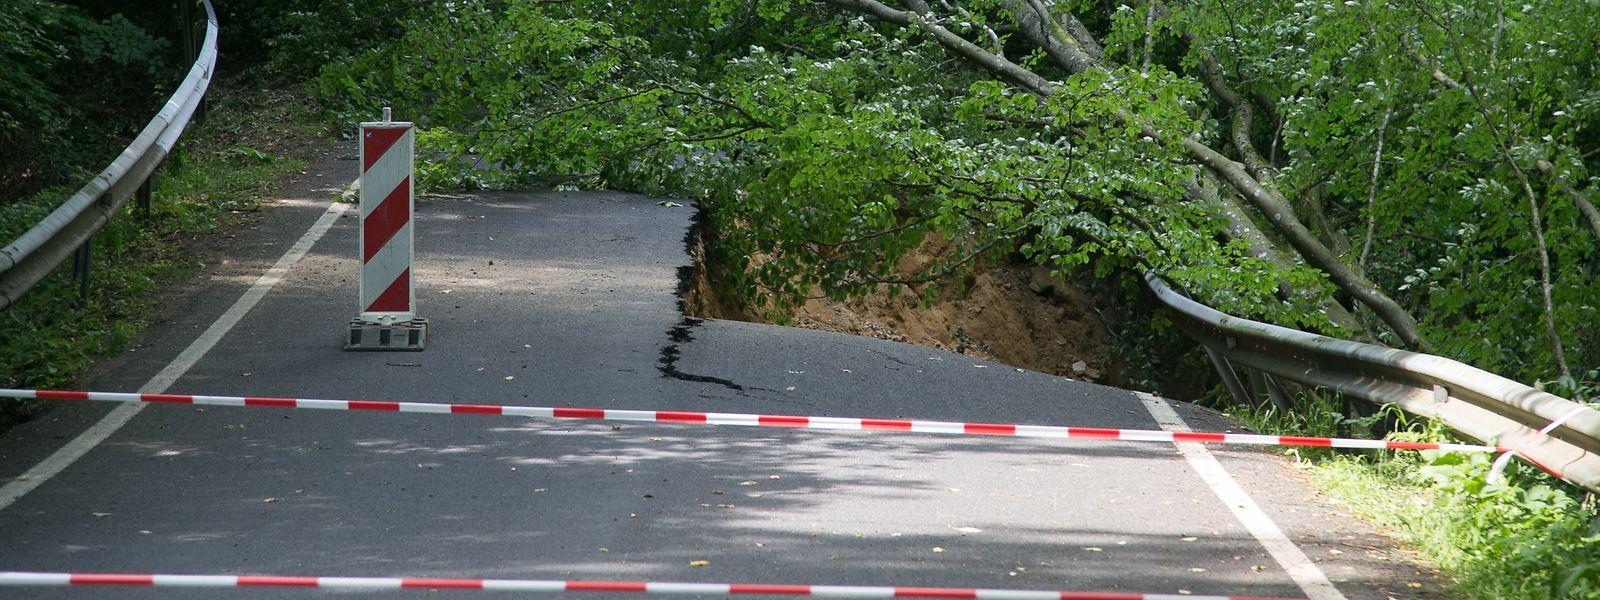 Straßenschäden nach dem Juni-Unwetter in Berdorf.